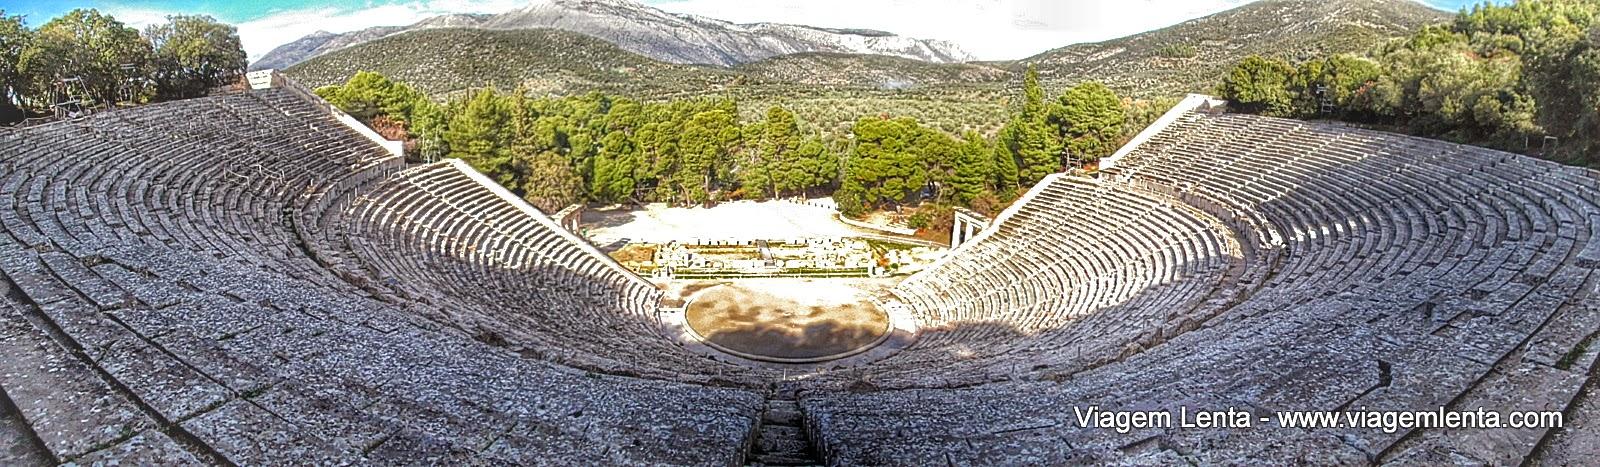 Relato de viagem à Nafplio (castelo de Palamidi) e ao teatro de Epidavrus, verdadeiras joias da Grécia com seu passado clássico e veneziano.